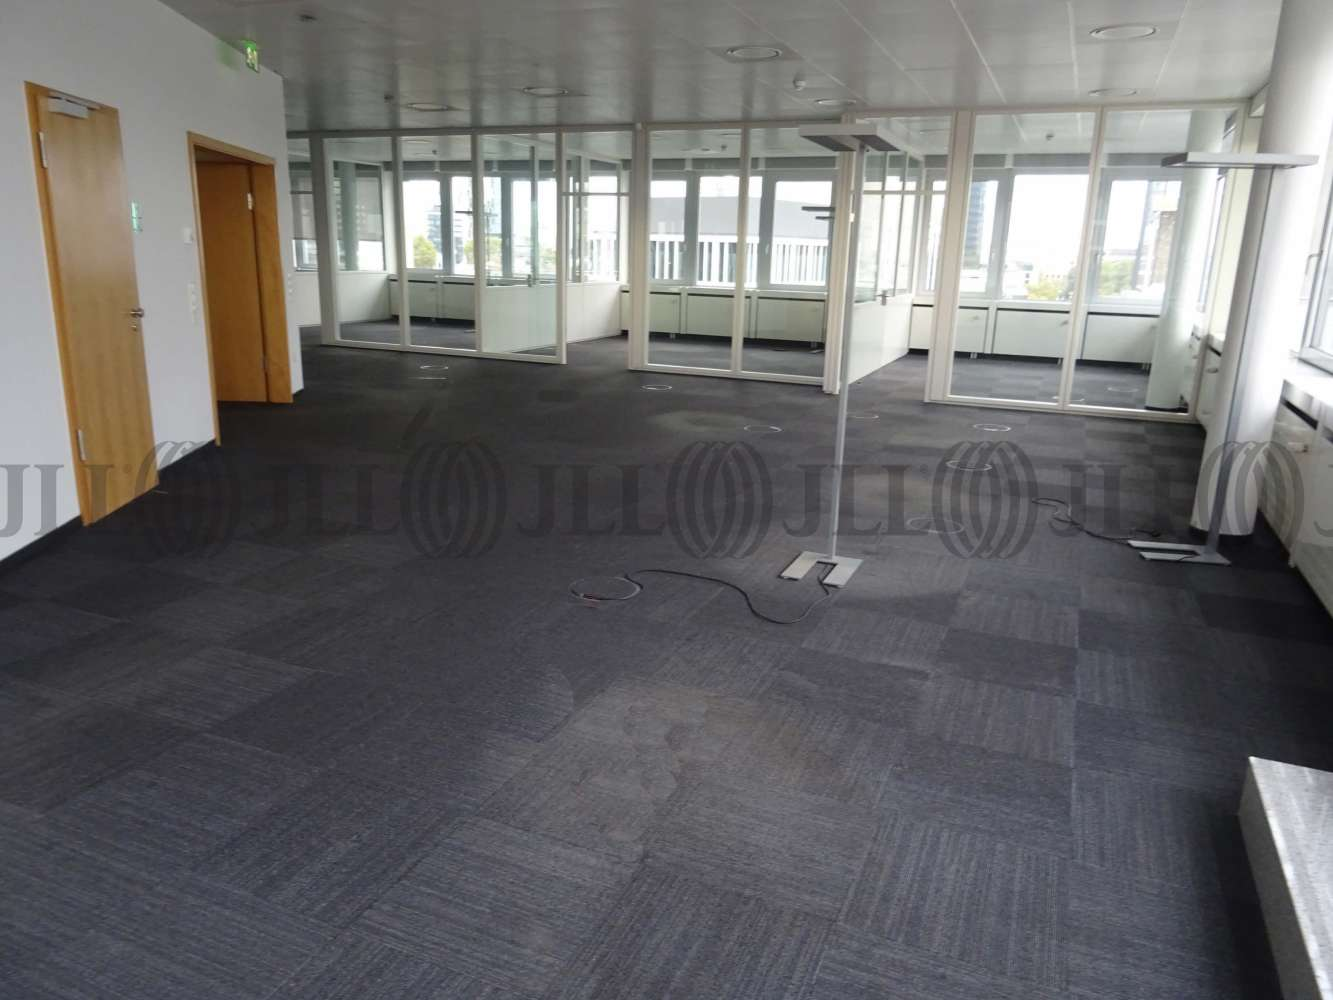 Büros Frankfurt am main, 60329 - Büro - Frankfurt am Main, Gallus - F1002 - 9765602